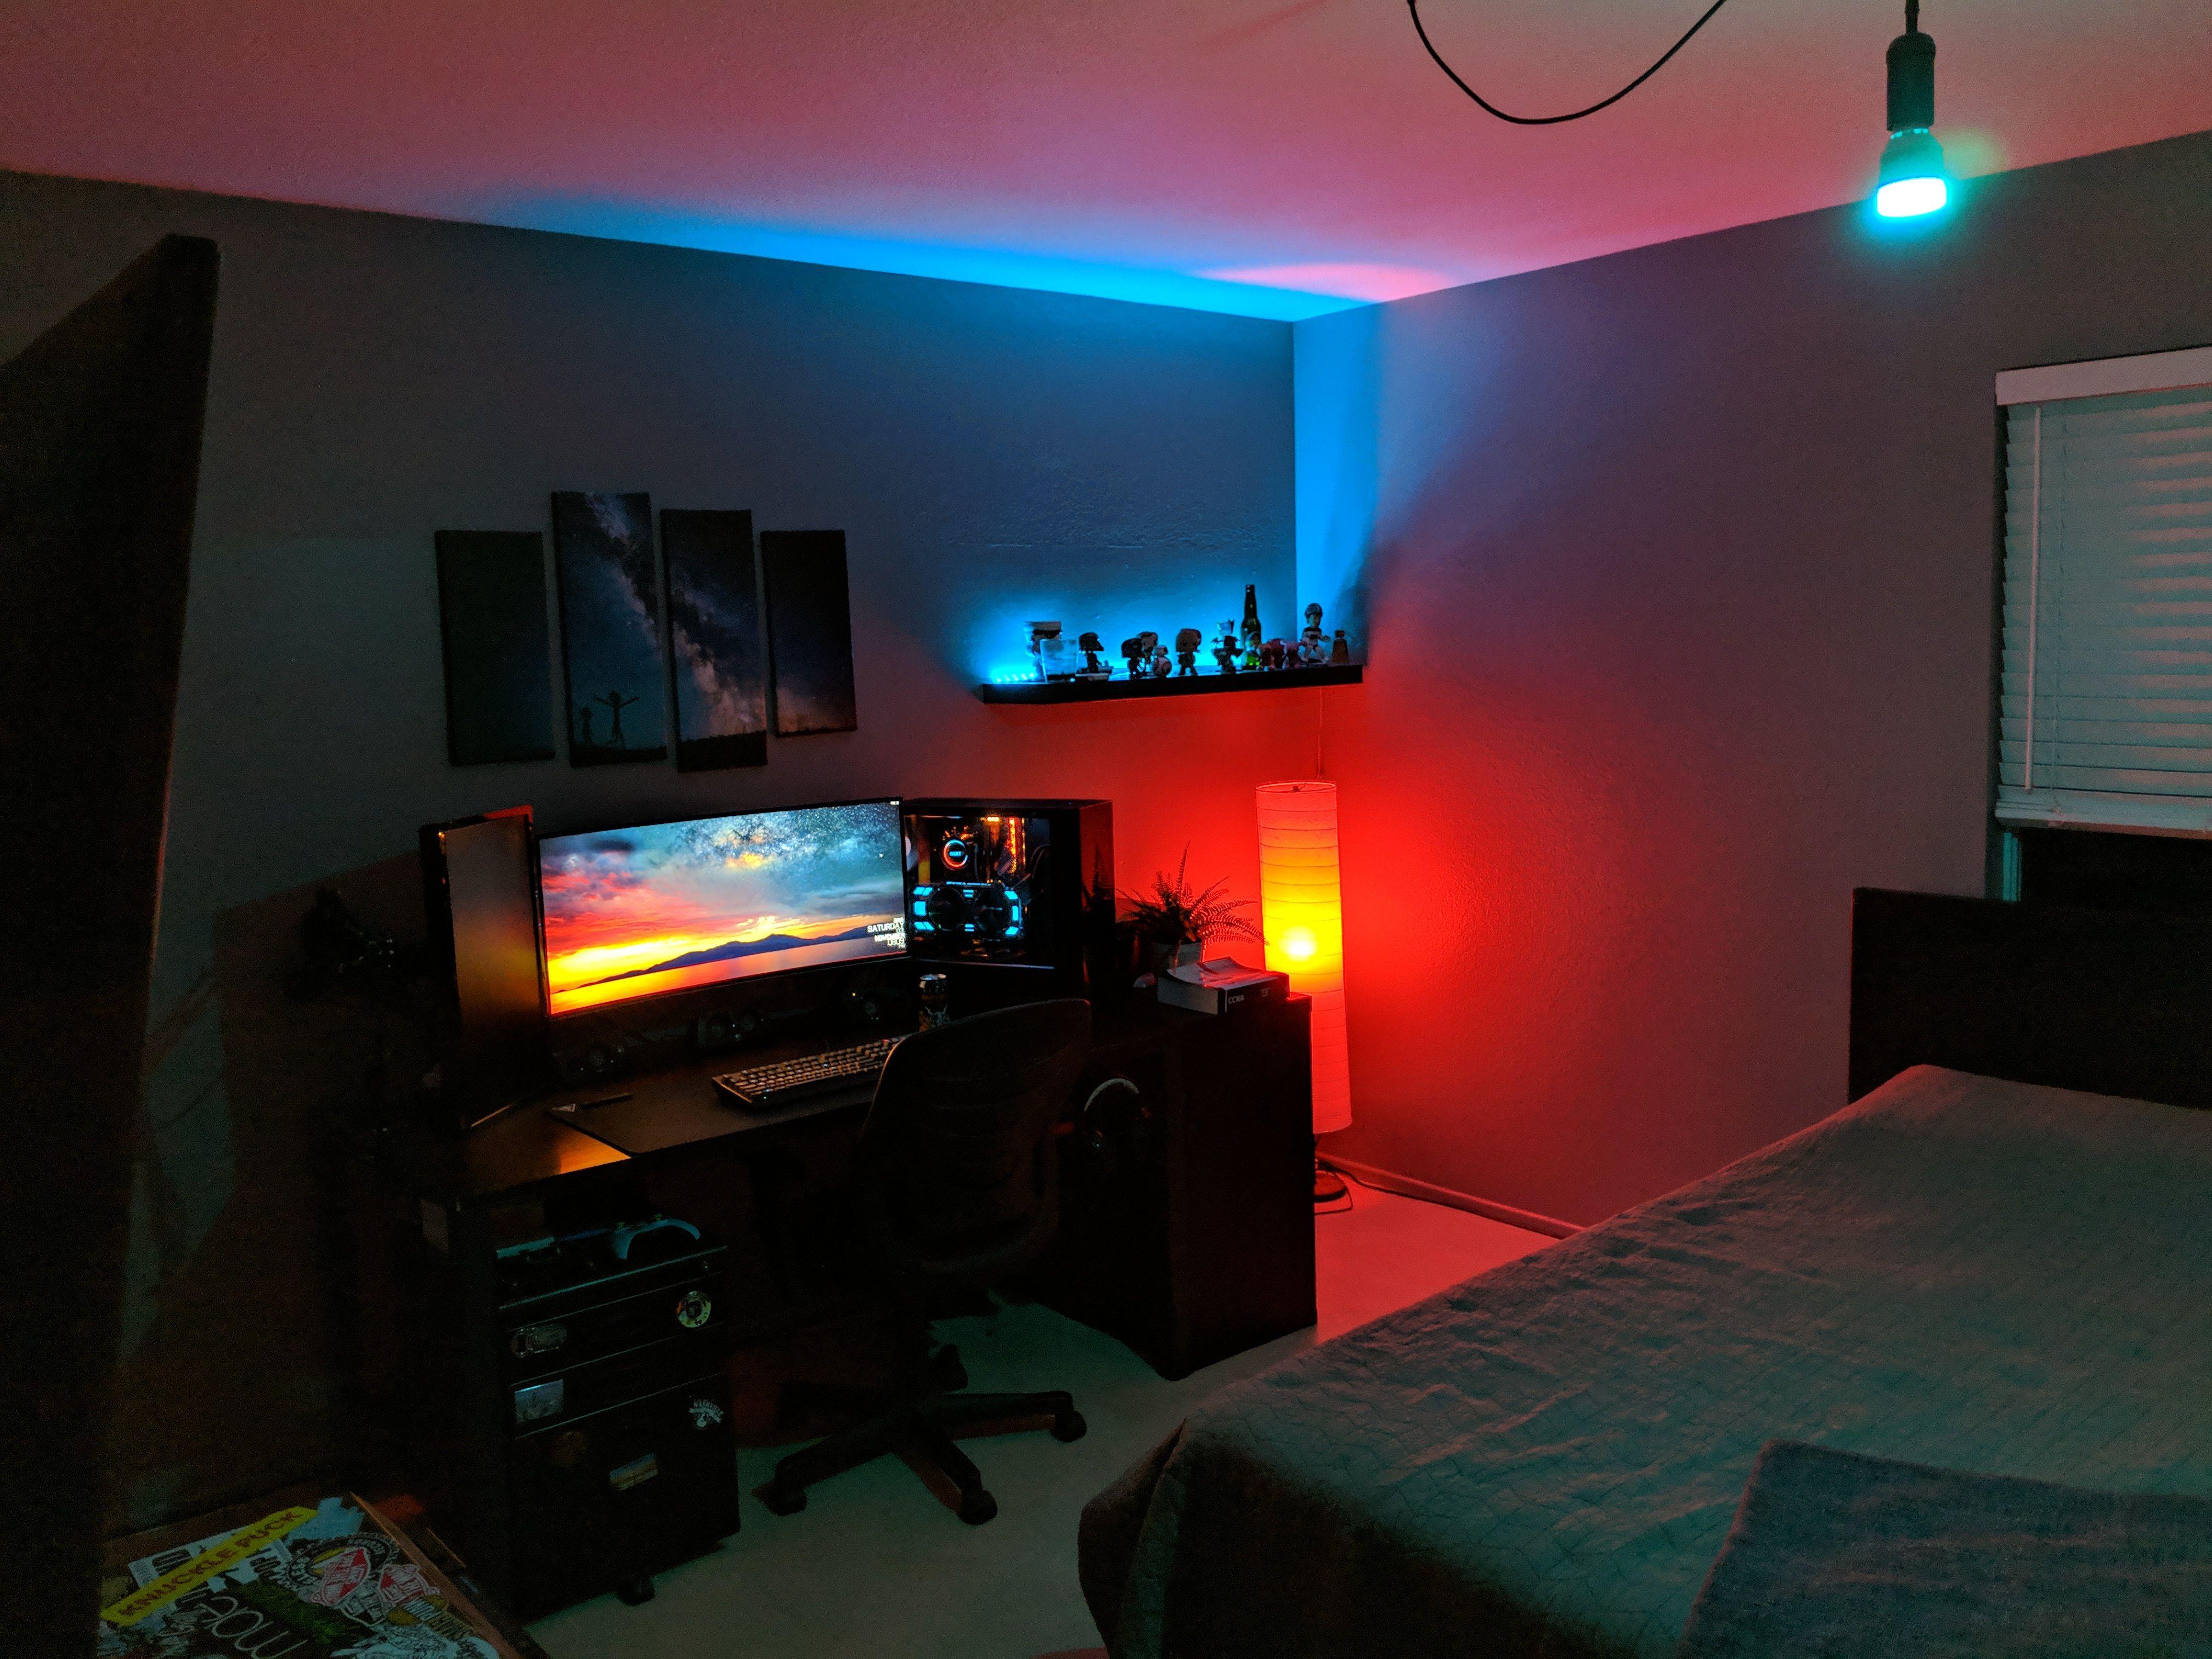 Sanctuary Bedroom Setup Game Room Design Gaming Room Setup